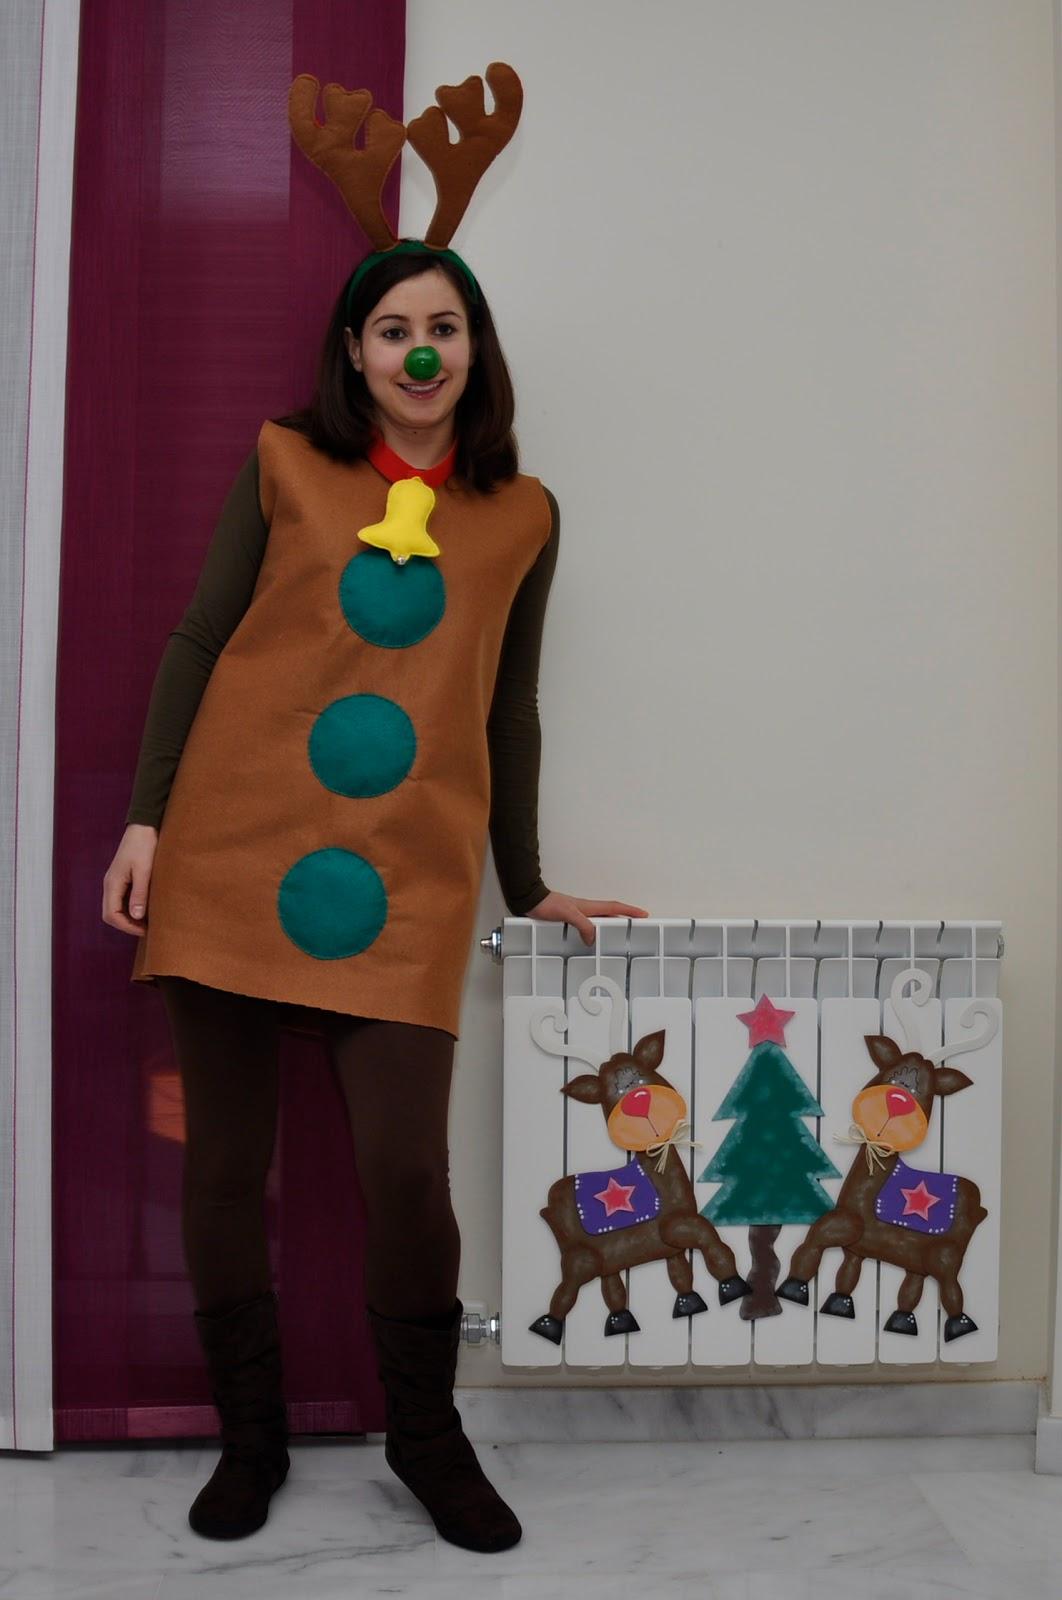 La cajita de eli disfraz de reno para navidad - Disfraz de reno nina ...